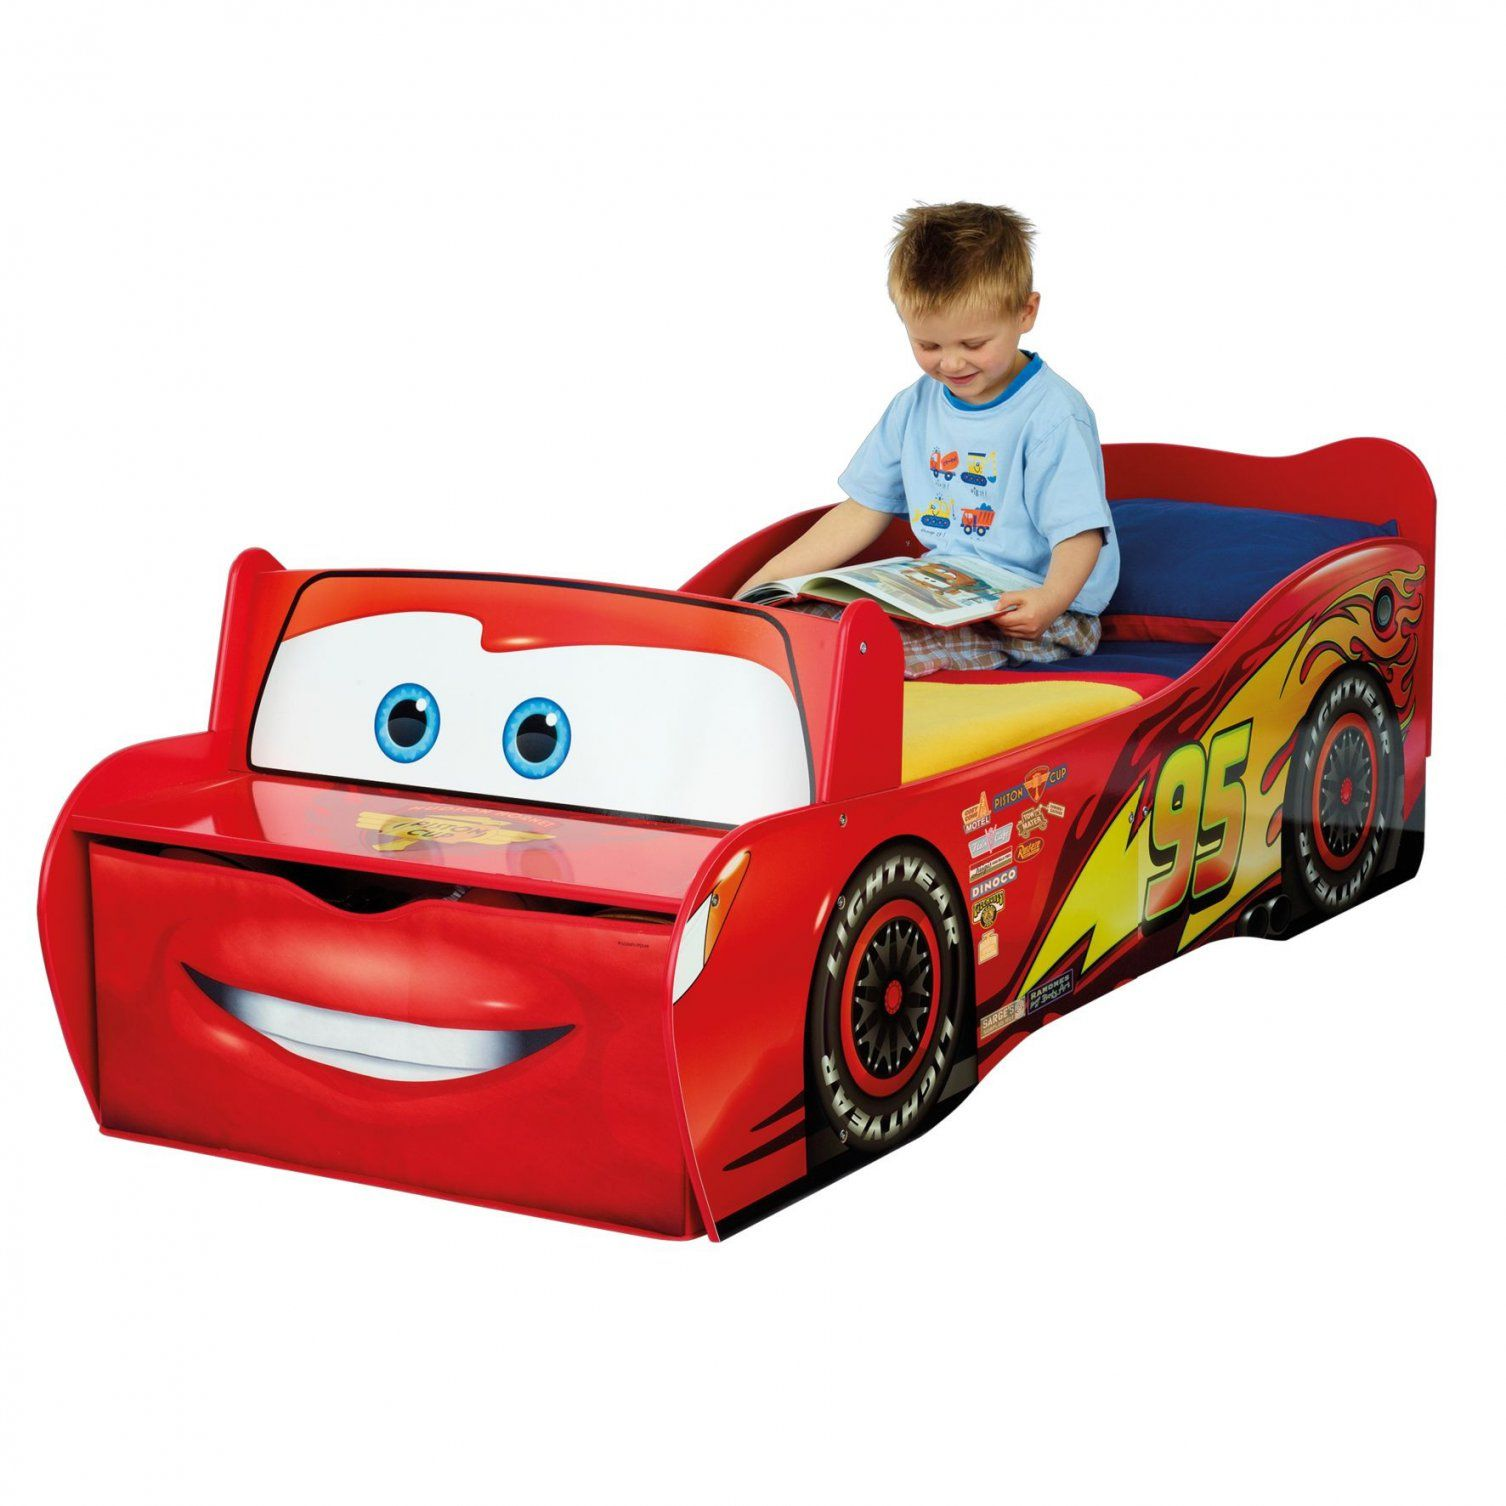 Autobett Cars Für Kinder (70 X 140 Cm) Online Kaufen  Emob von Cars Bettwäsche 70X140 Bild